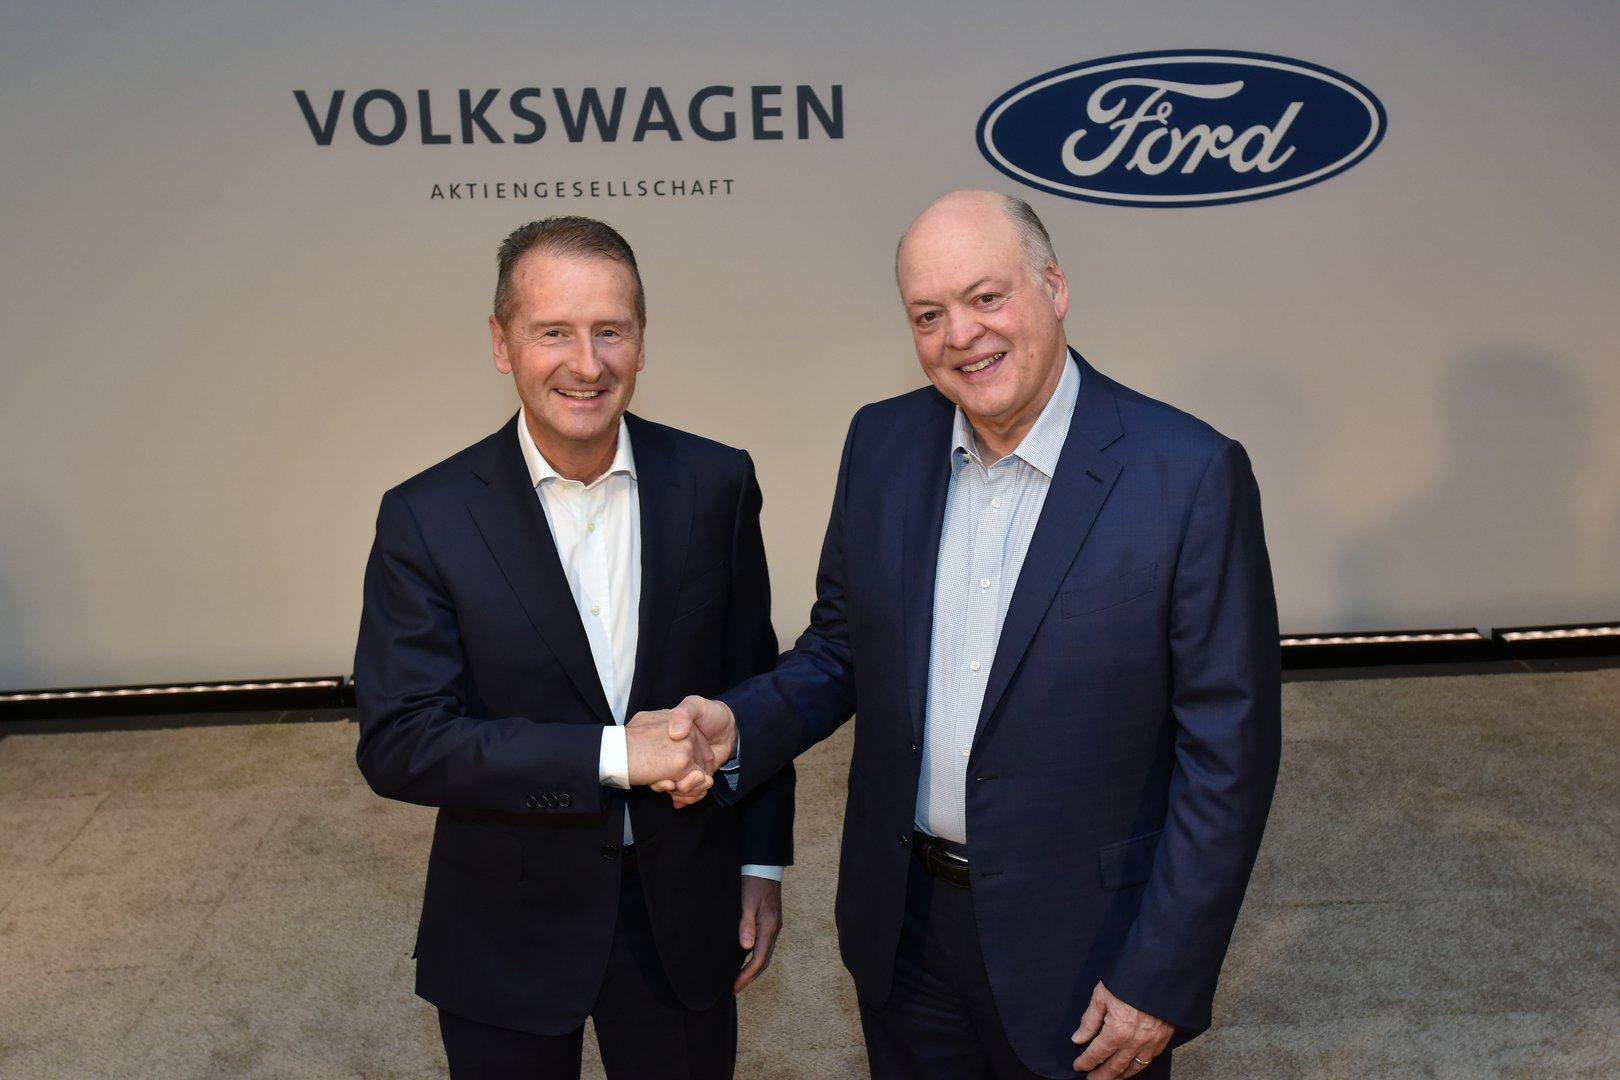 Ford in Volkswagen skupaj pri električnih avtomobilih